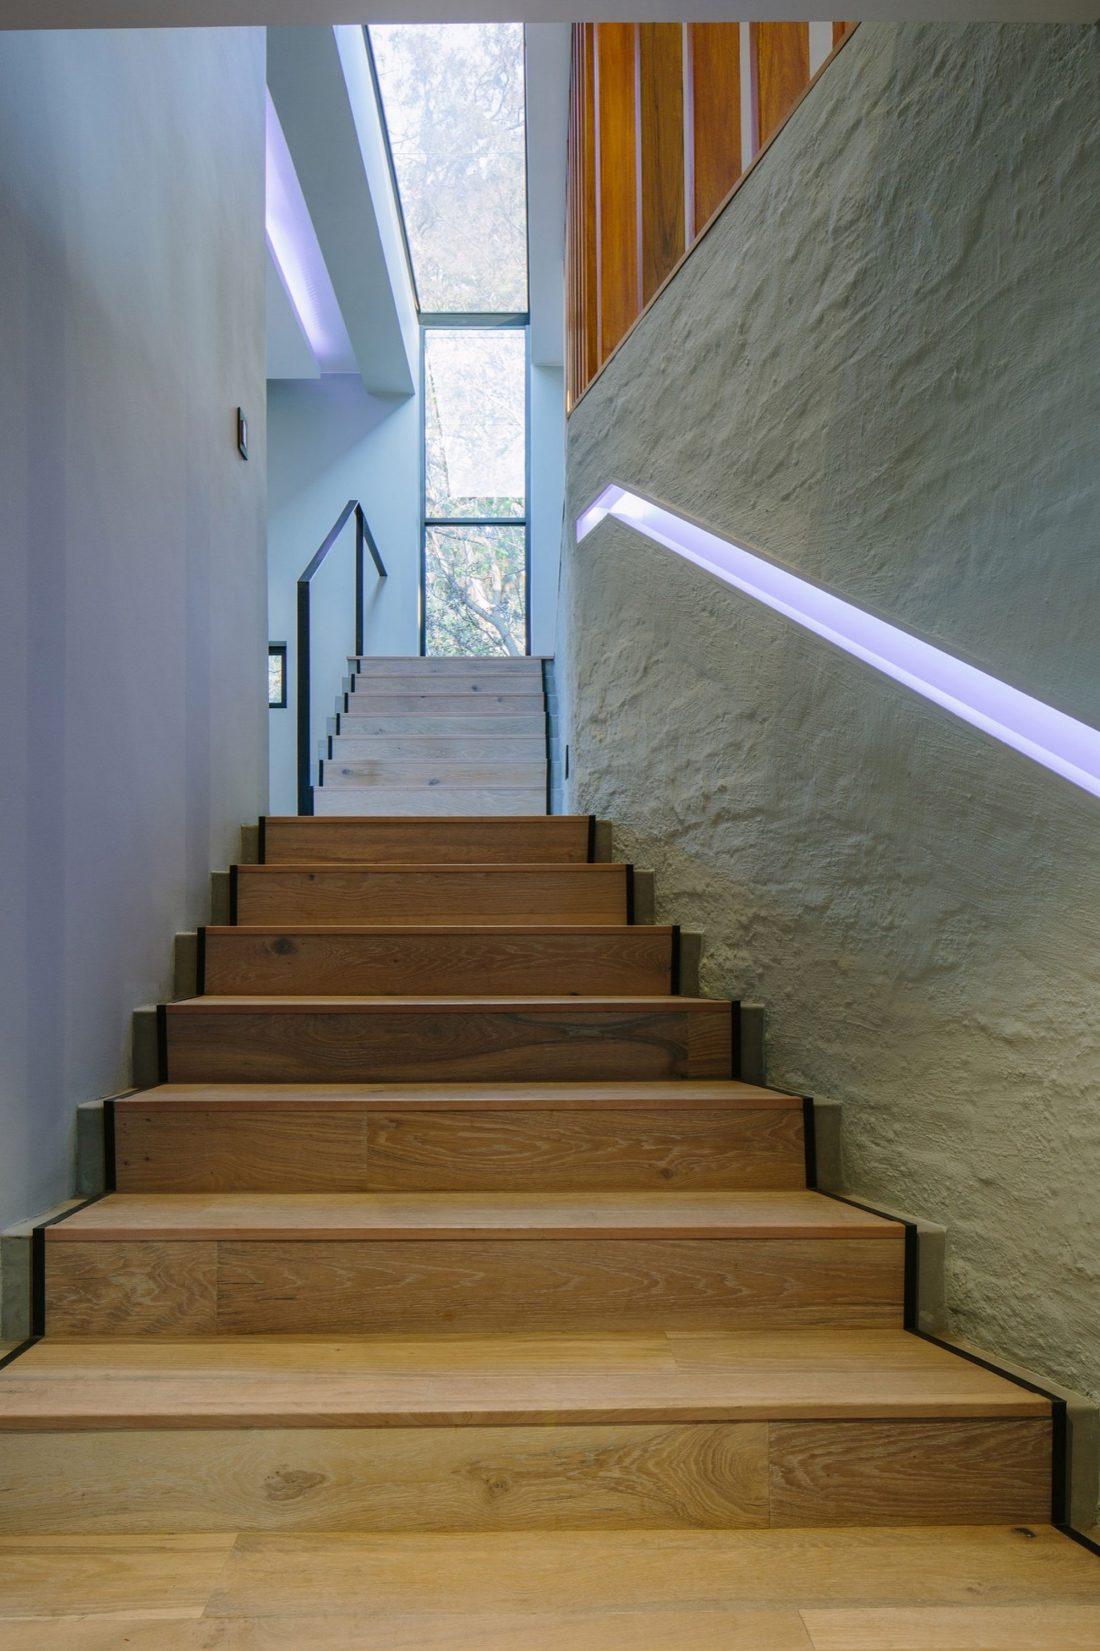 granitnyj-dom-komfortnoe-zhile-vysokaya-energoeffektivnost-12